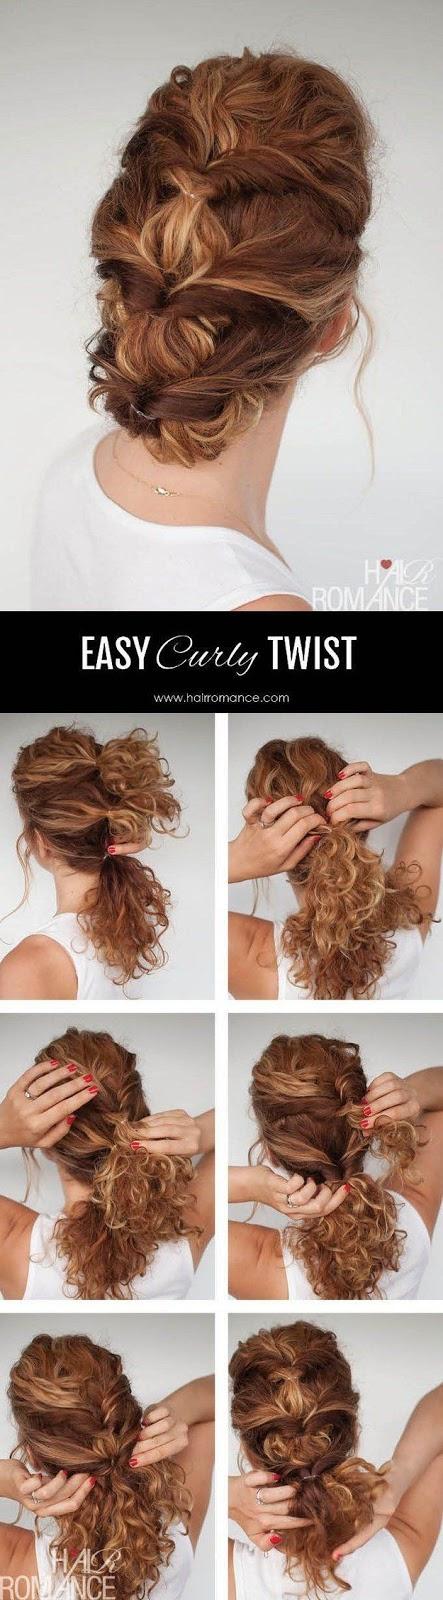 Tutorial penteado cabelo cacheado